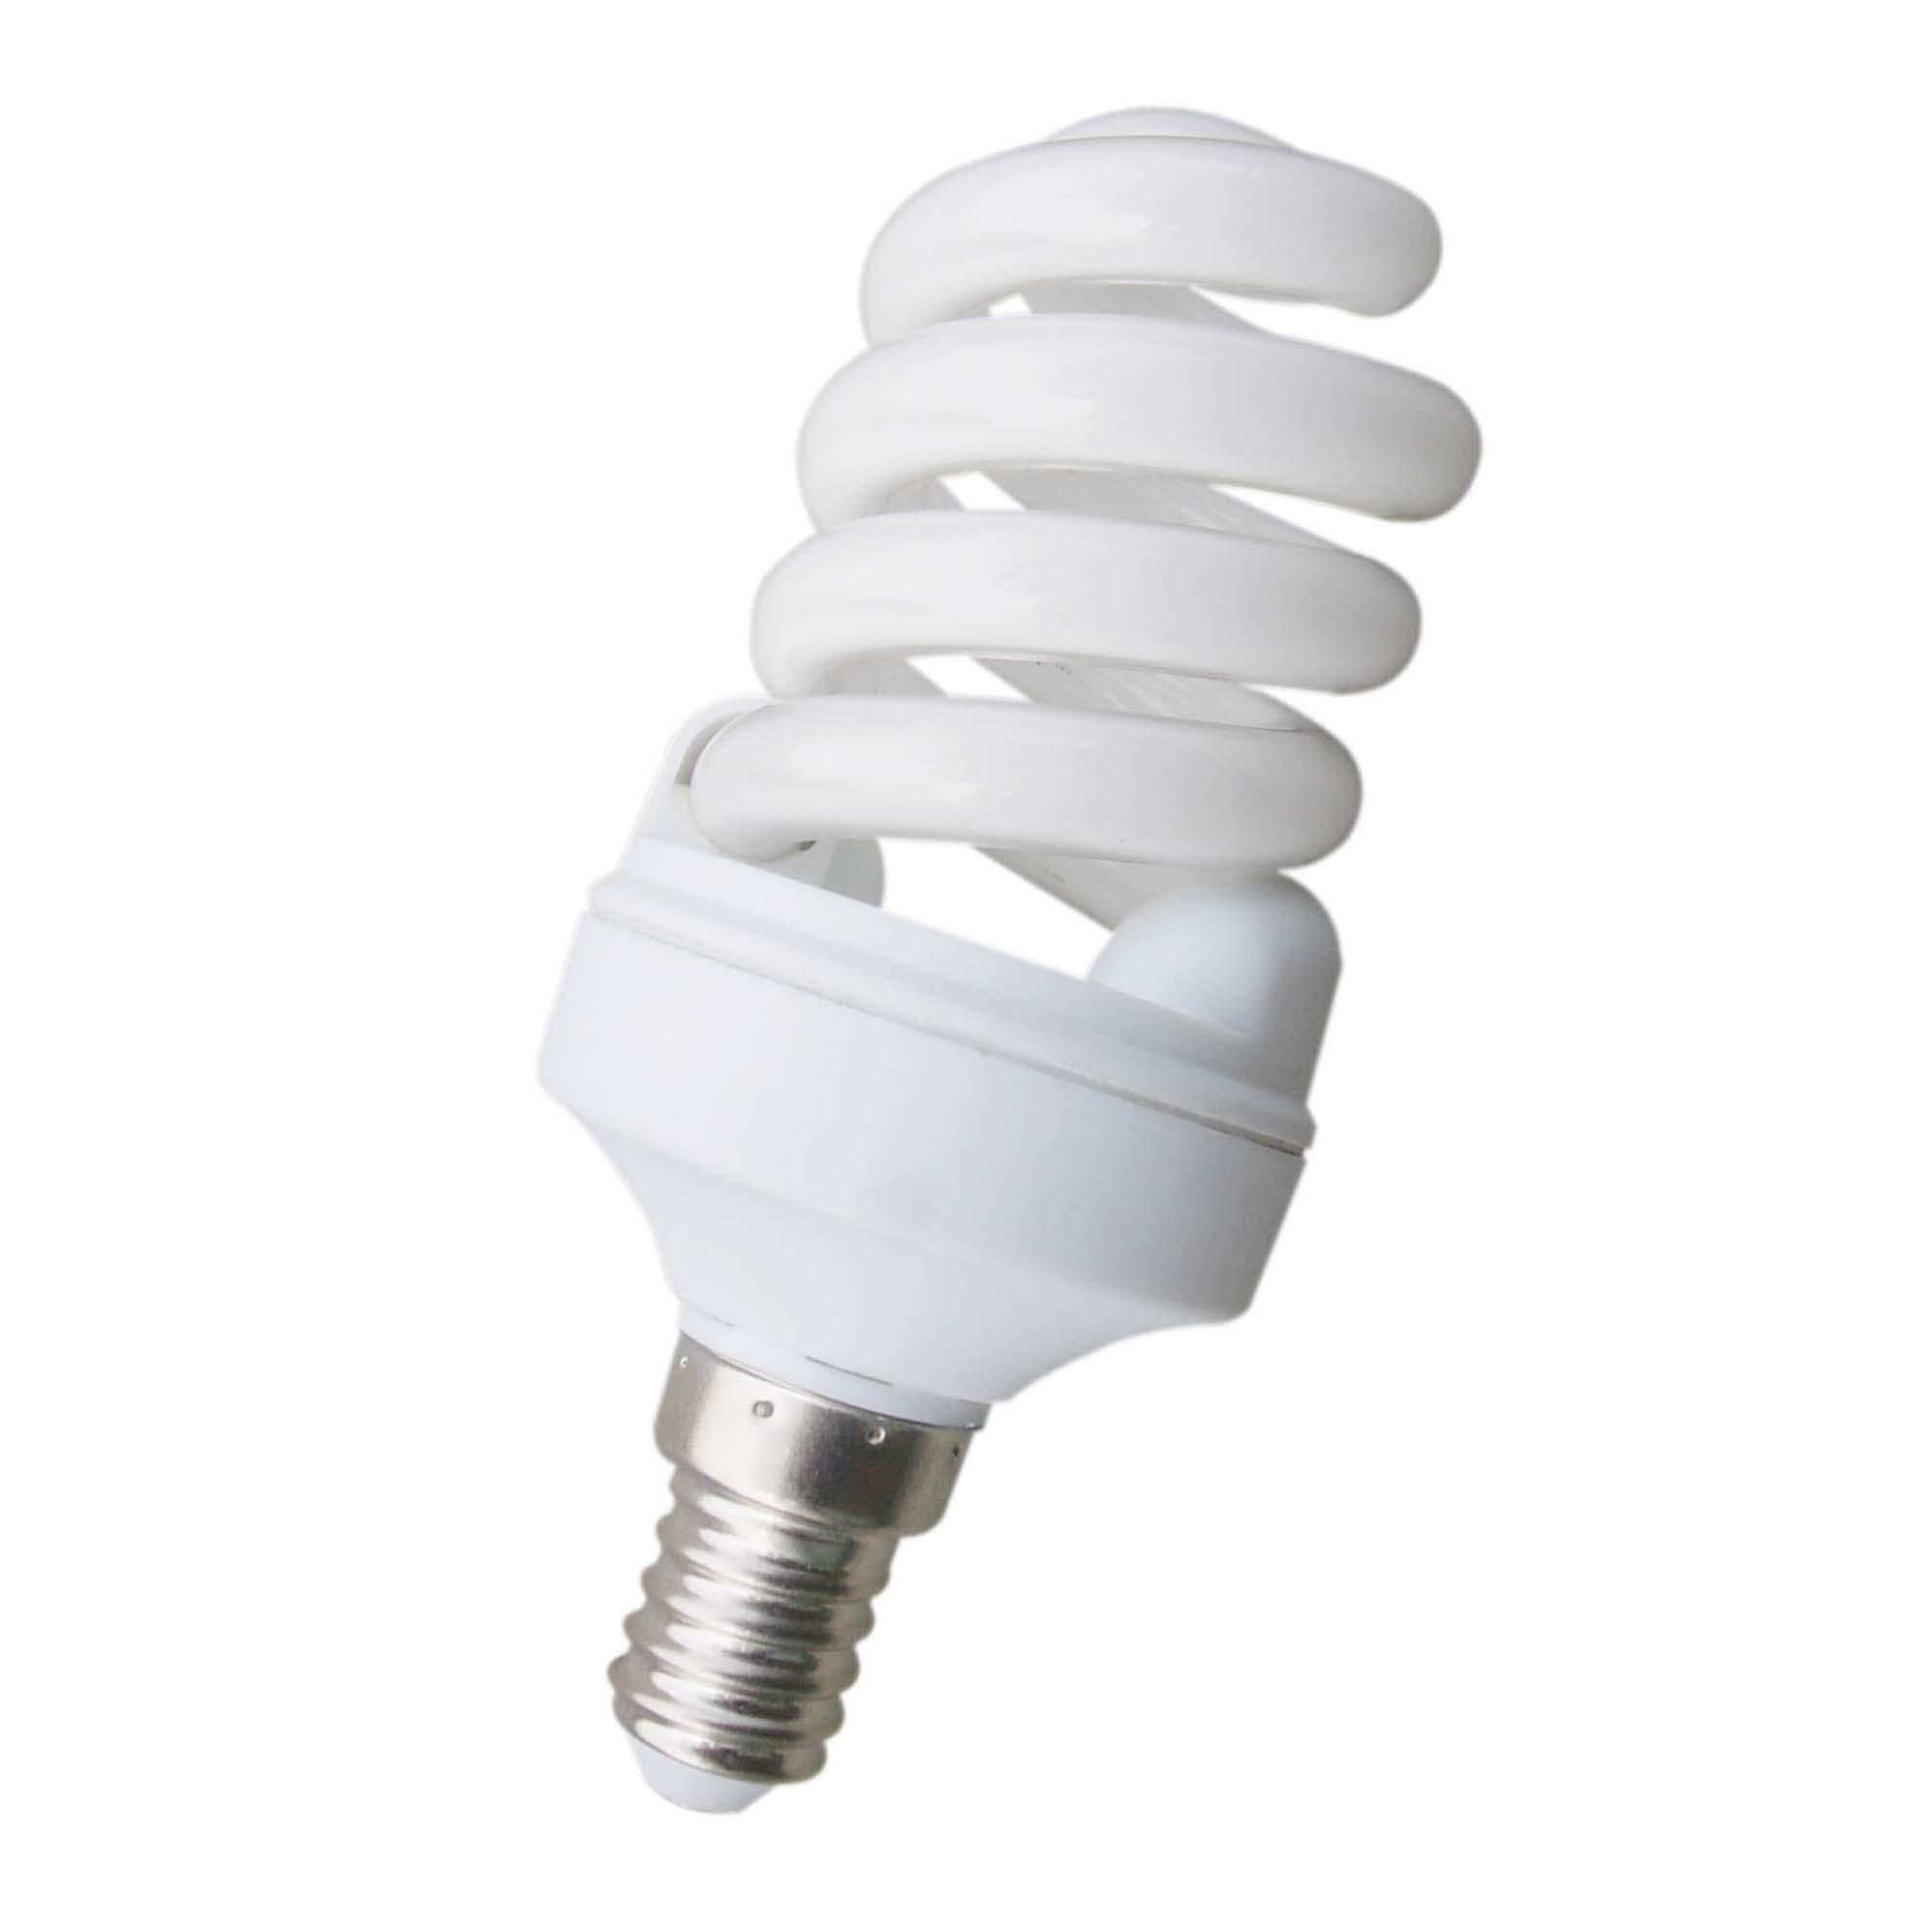 Bombilla bajo consumo 20w luz blanca for Bombillas bajo consumo